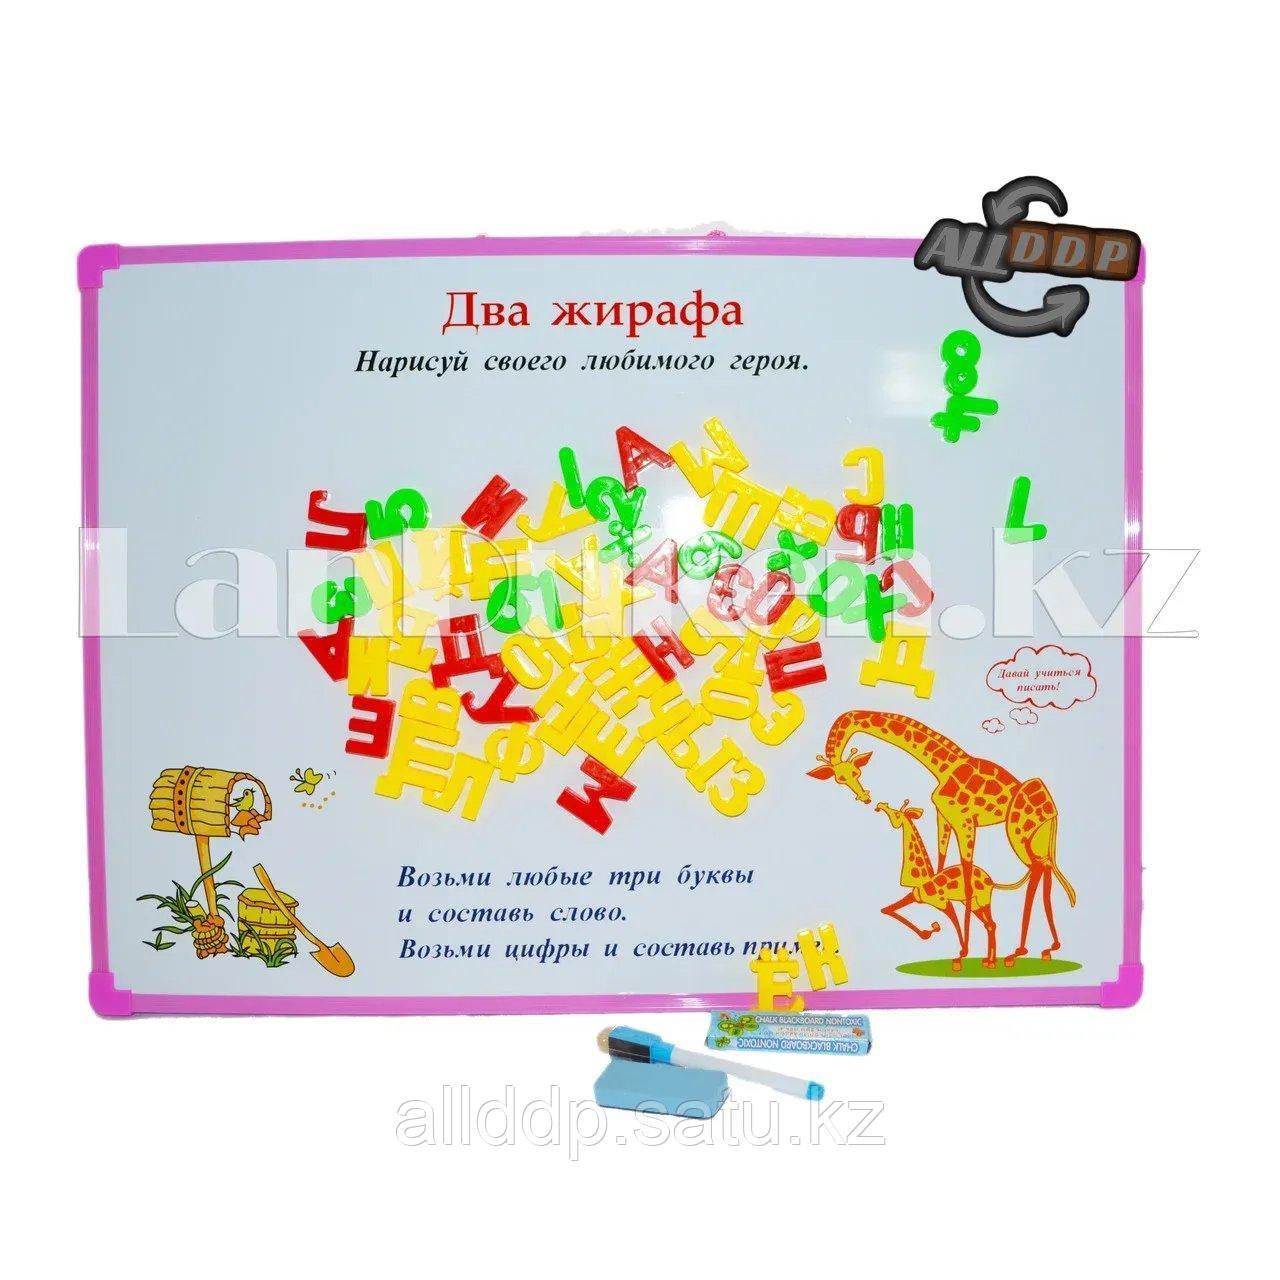 Магнитная доска Два жирафа 54х39 см с алфавитом и письменными принадлежностями